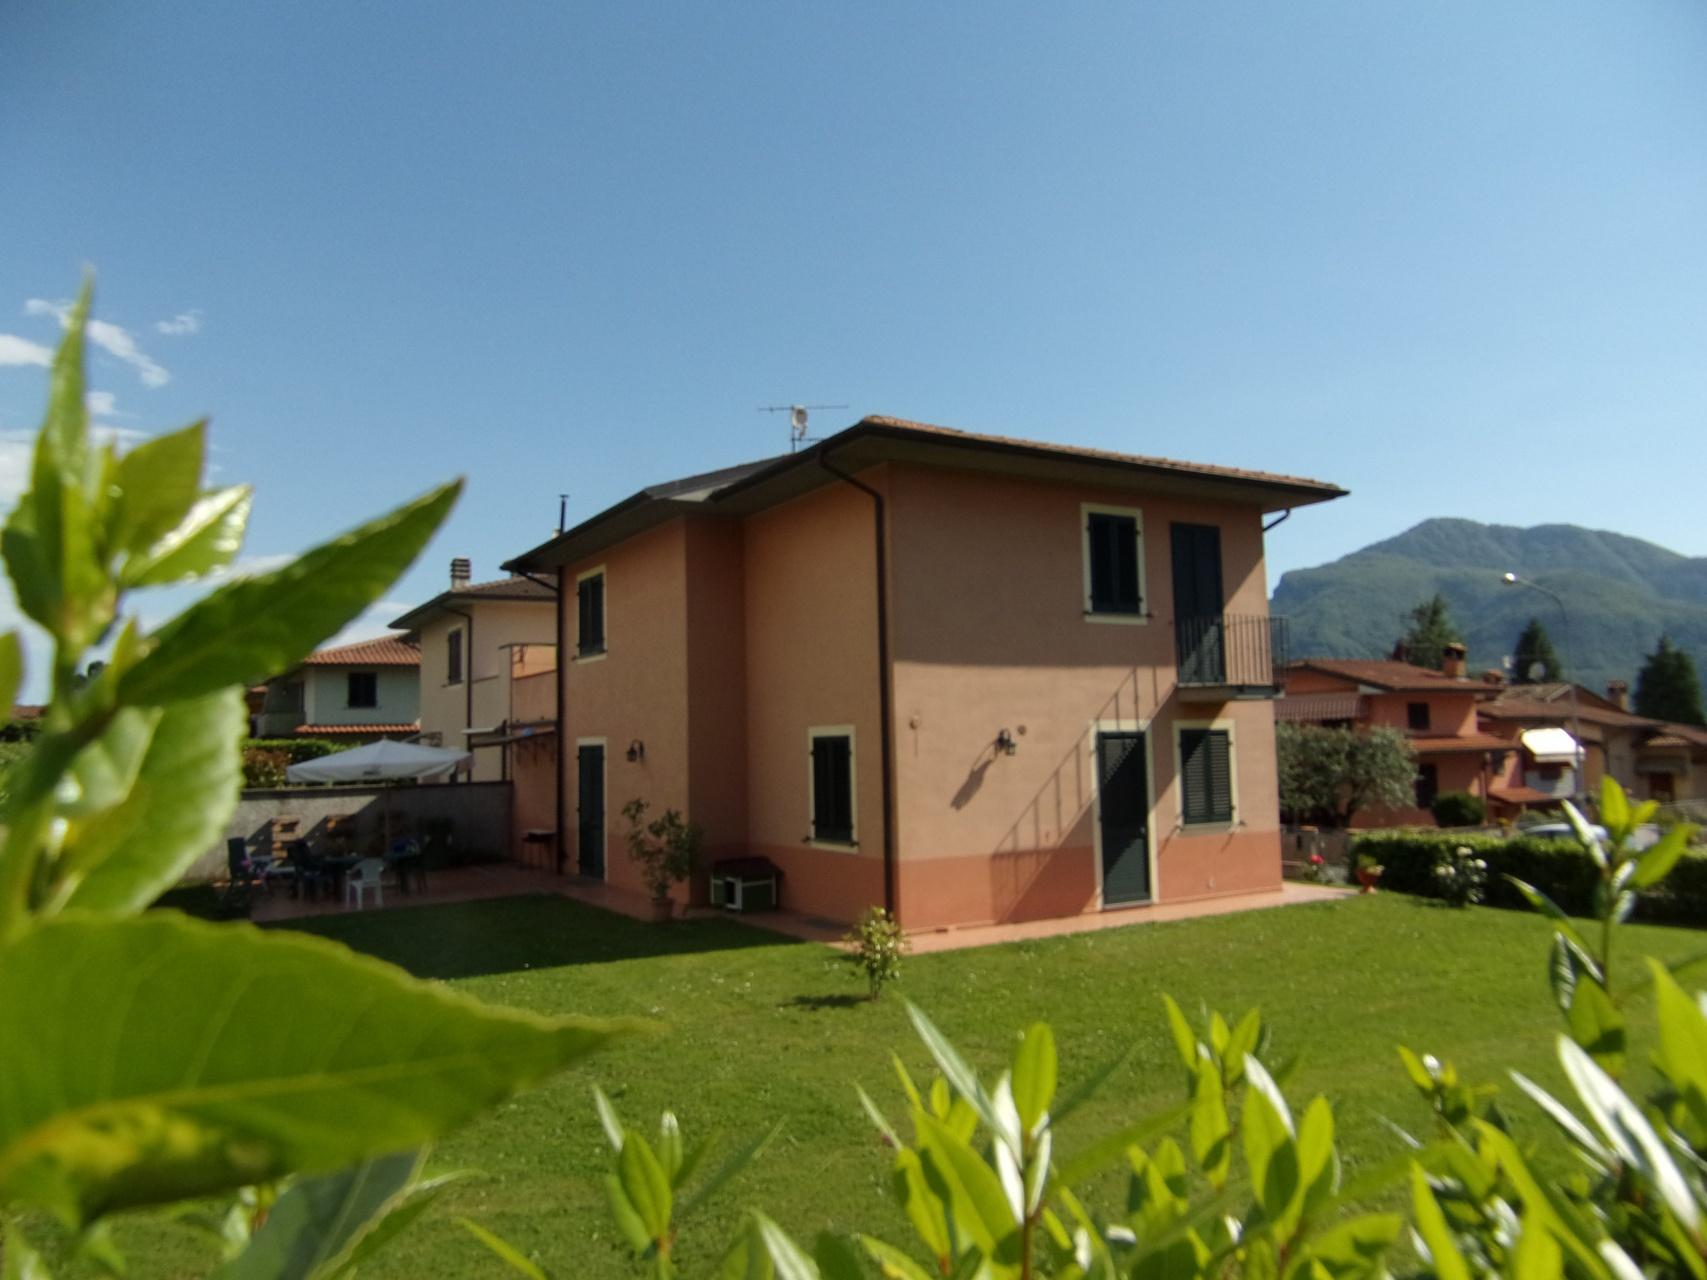 foto Indipendente bifamiliare terratetto di recente costruzione posto in Barga, Lucca.